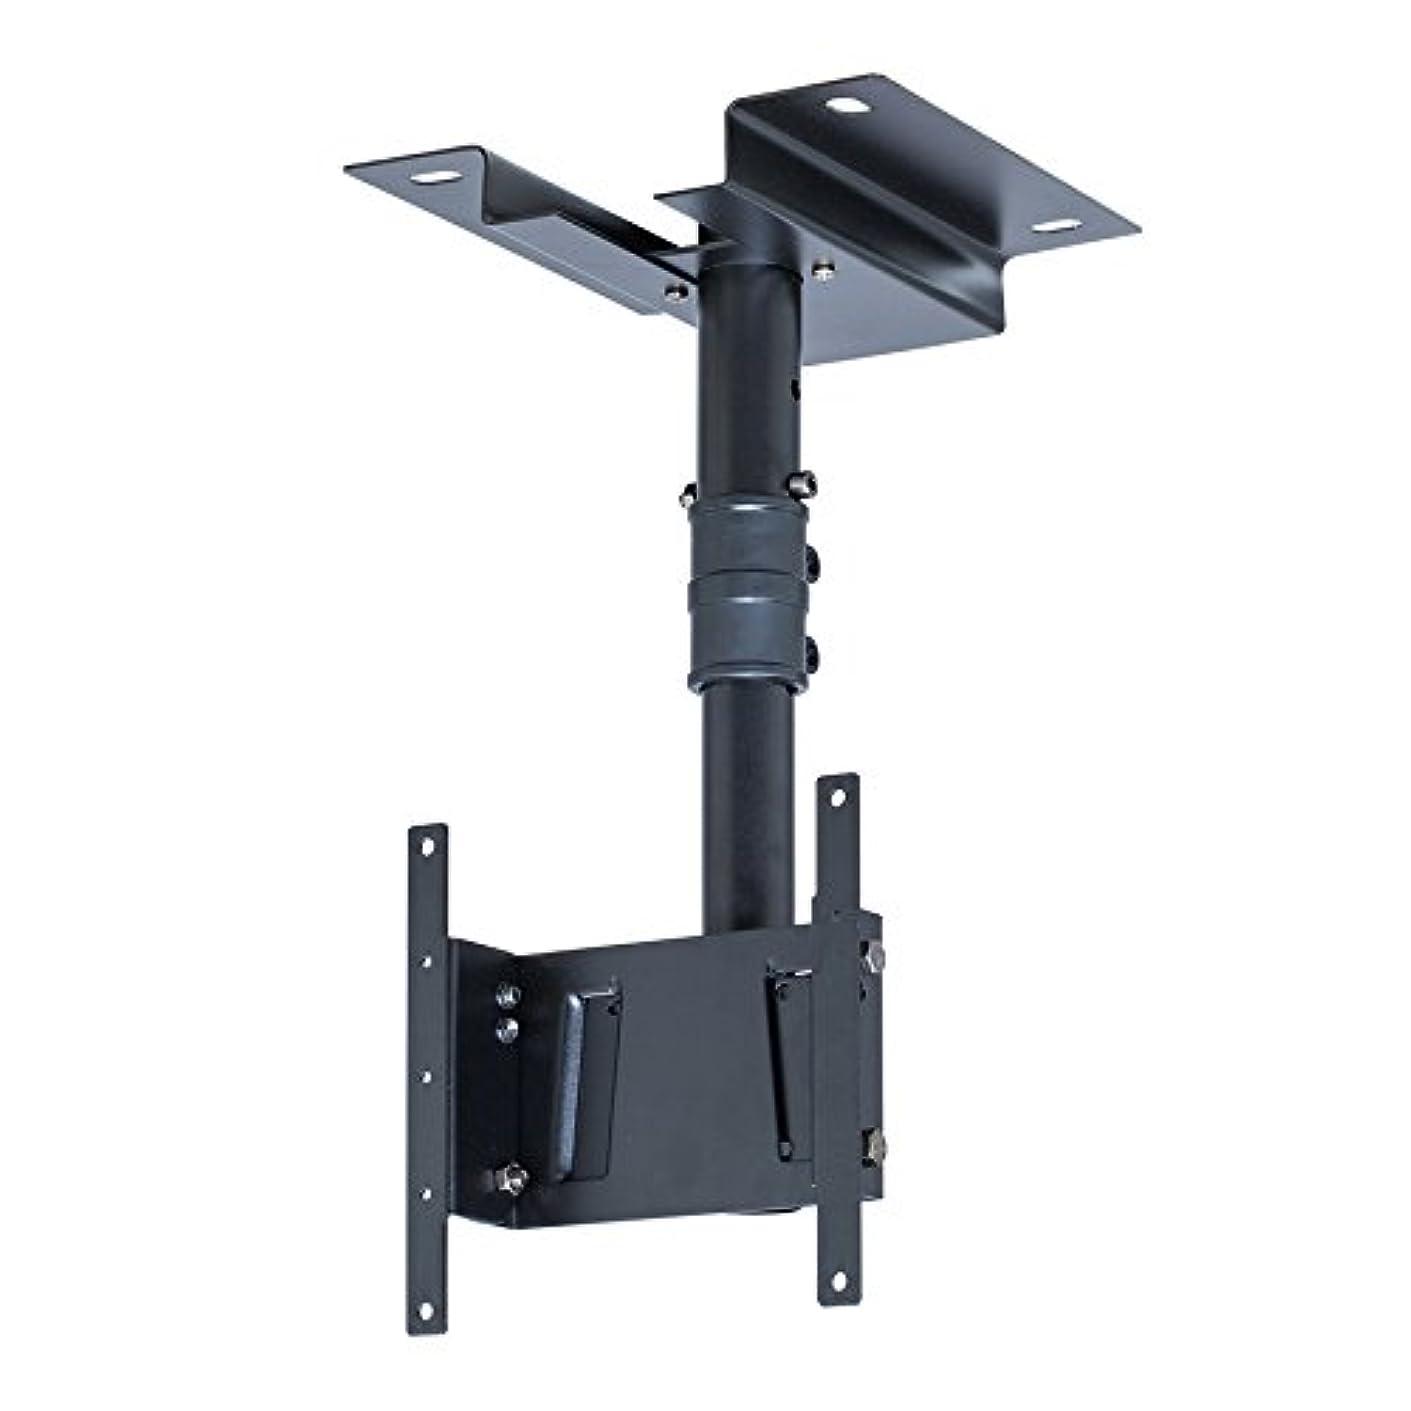 カルシウム変化するつかむ26インチ~37インチ用液晶テレビ天吊り金具/角度調整機能付/OCR-45T(BK) (パイプA(350mm), ブラック)